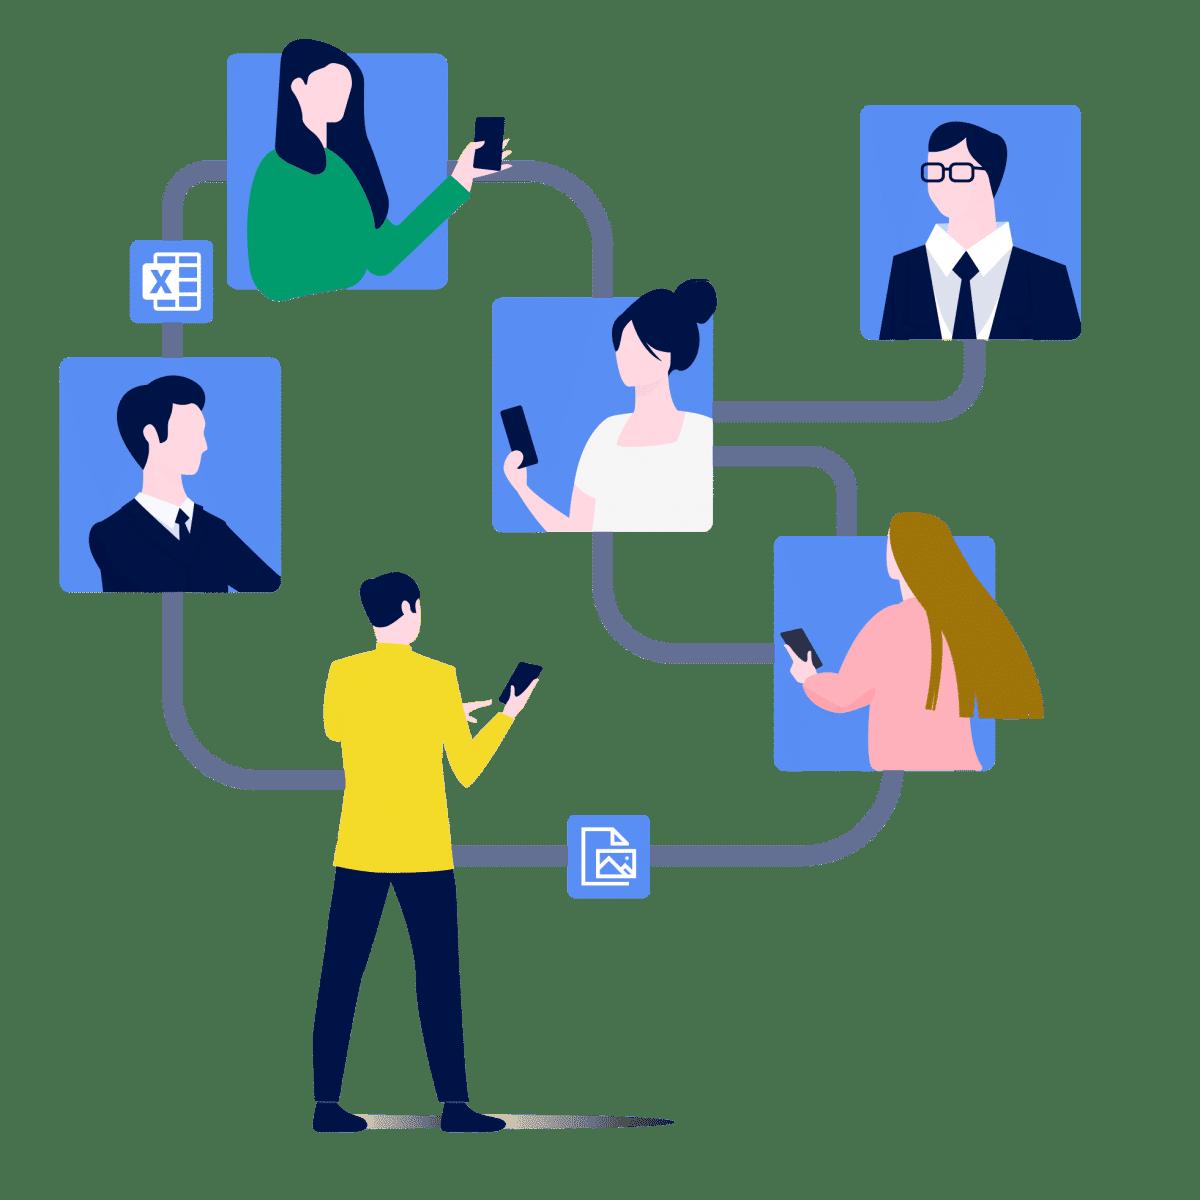 Teamwire kostenlos downloaden